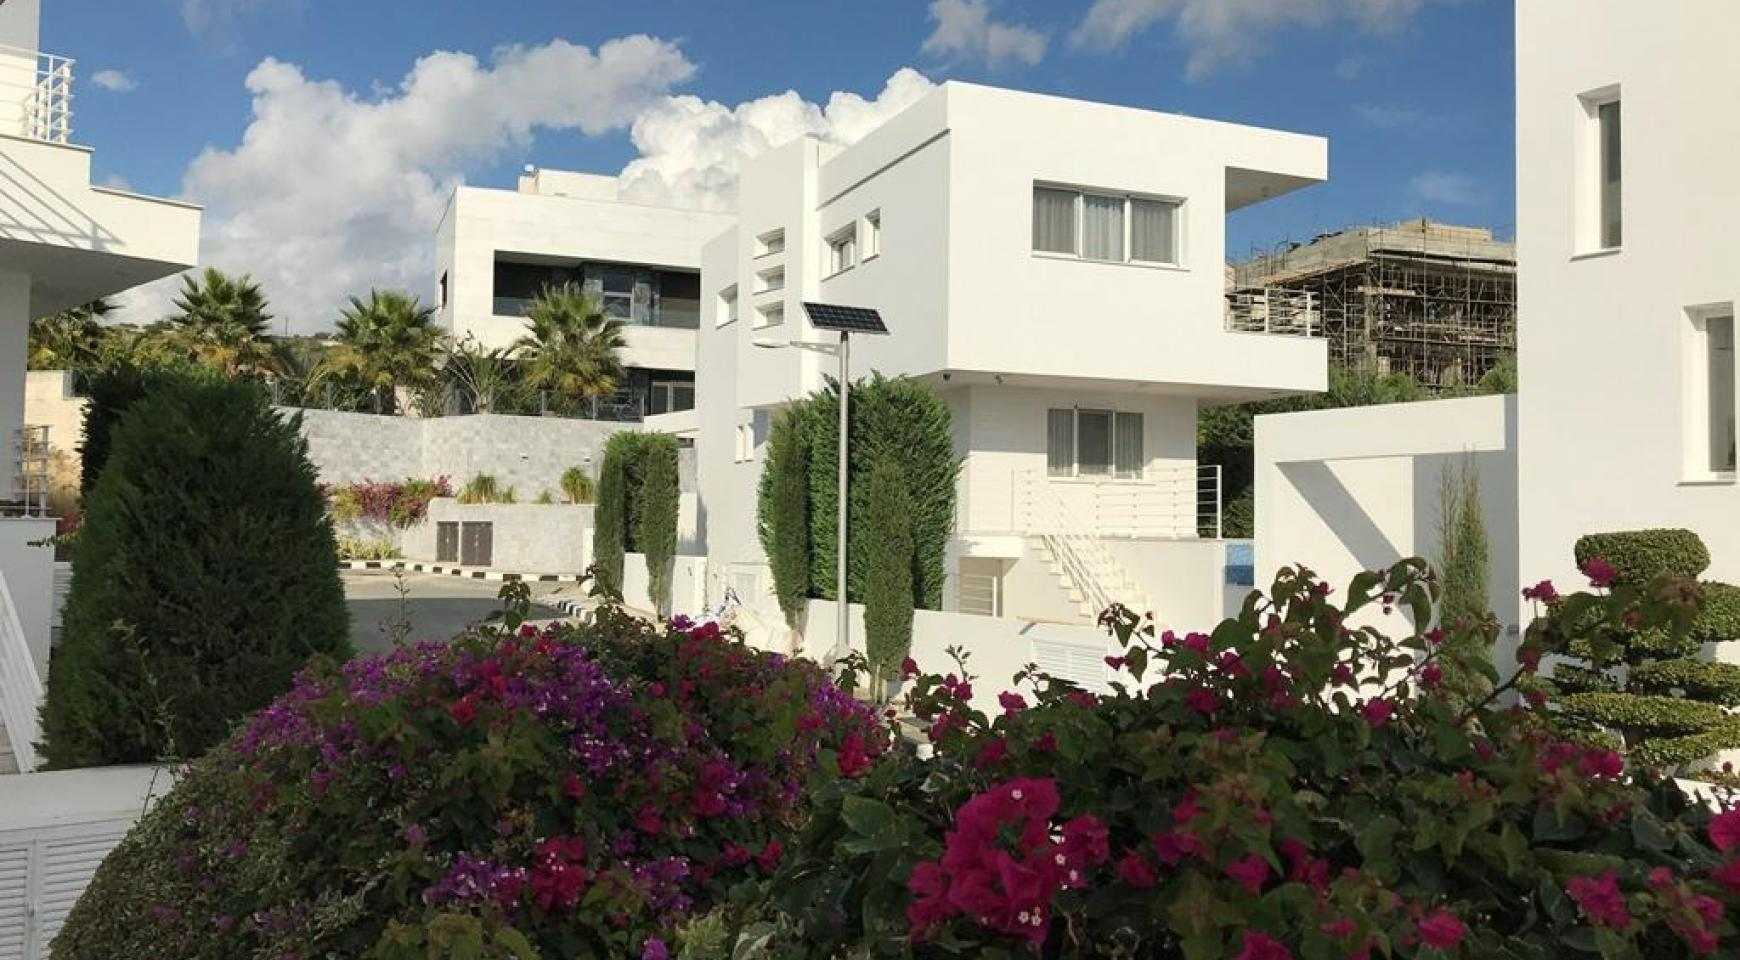 4 Bedroom Villa with Sea Views in Agios Tychonas - 1